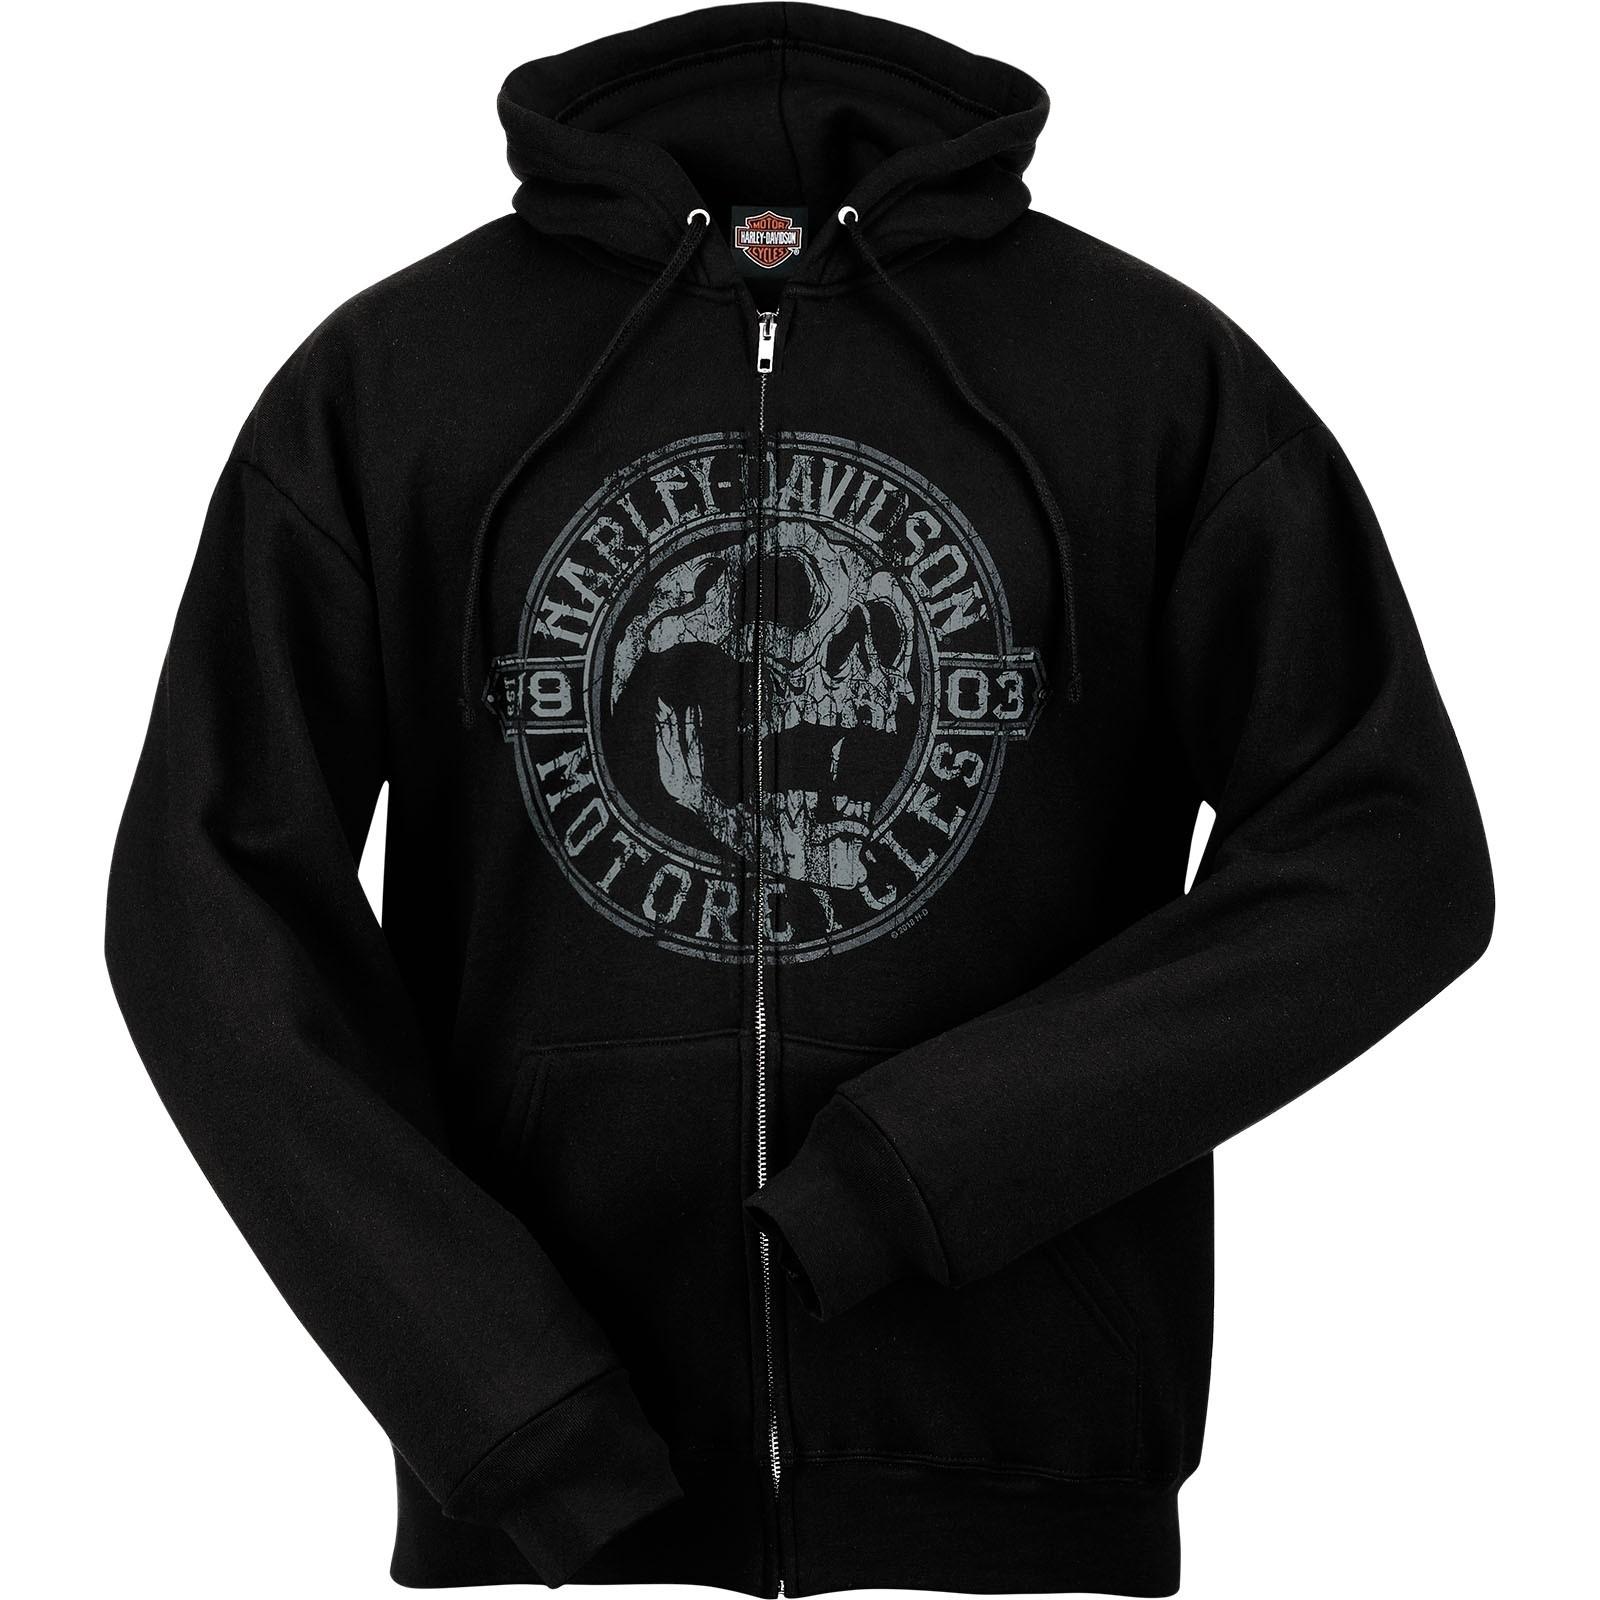 Harley-Davidson Men's Hooded Zip Sweatshirt - Overseas Tour | Skull Shout